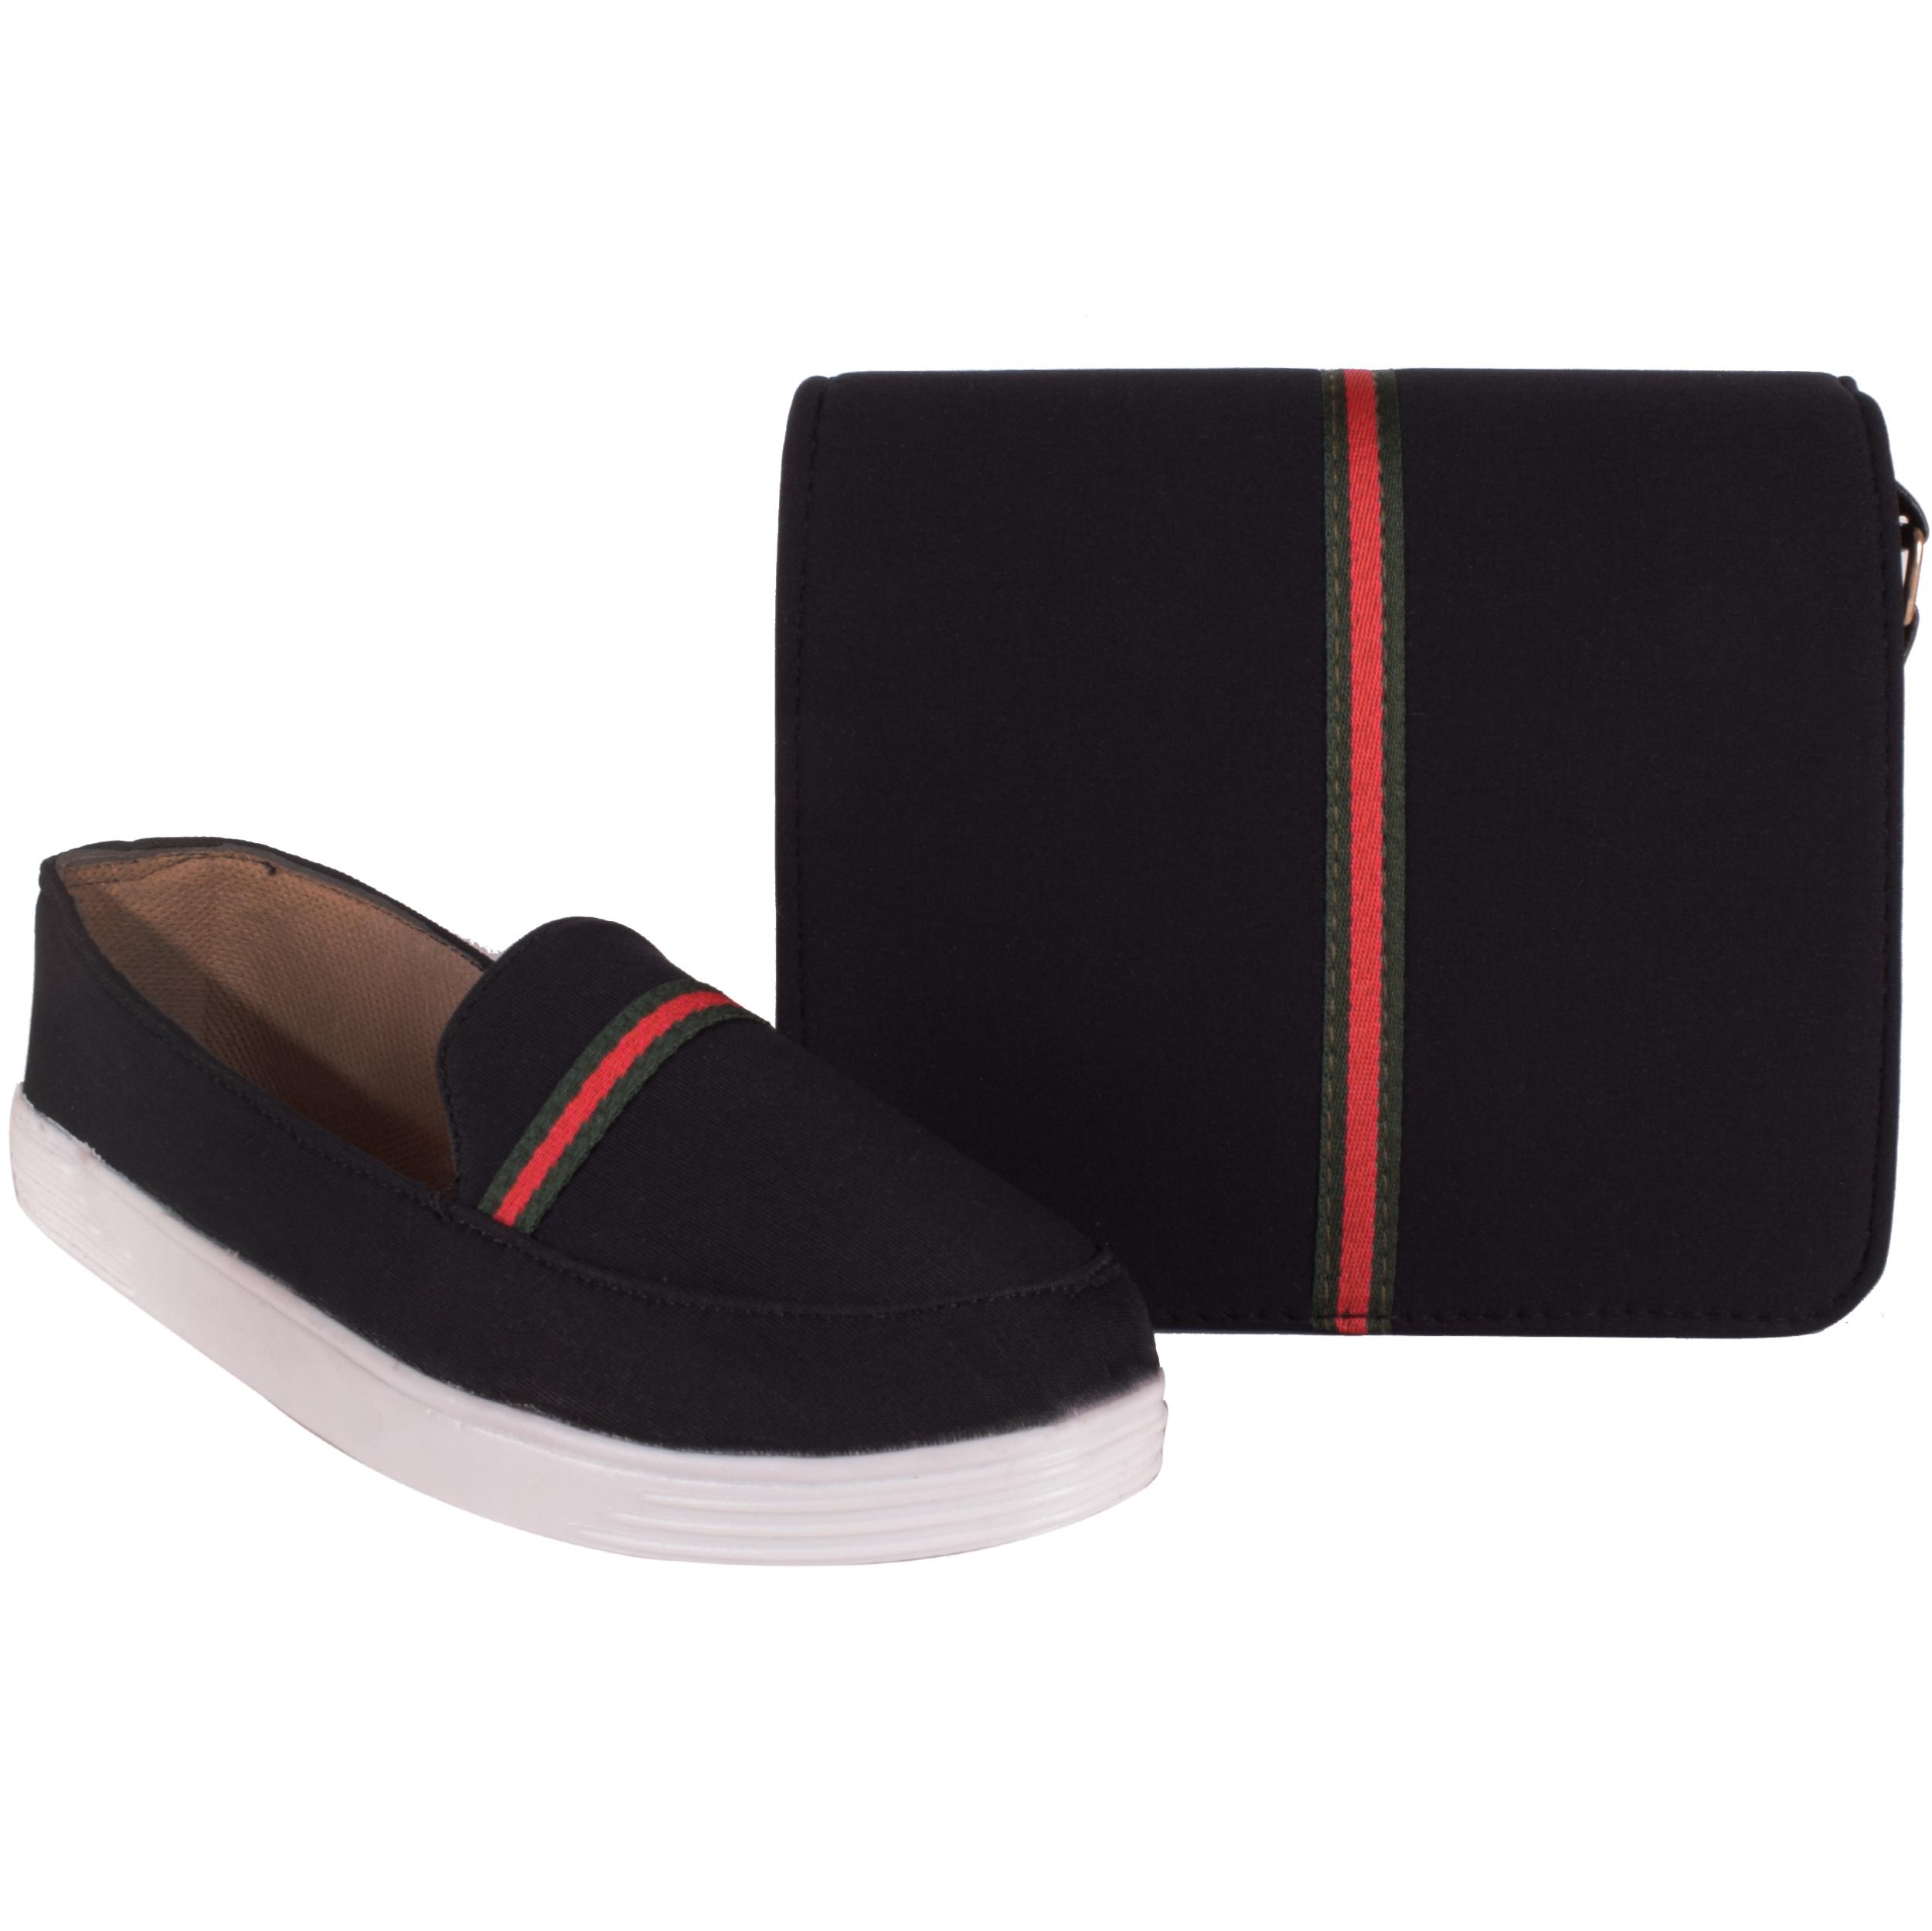 ست کیف و کفش نه کد BL-ST01